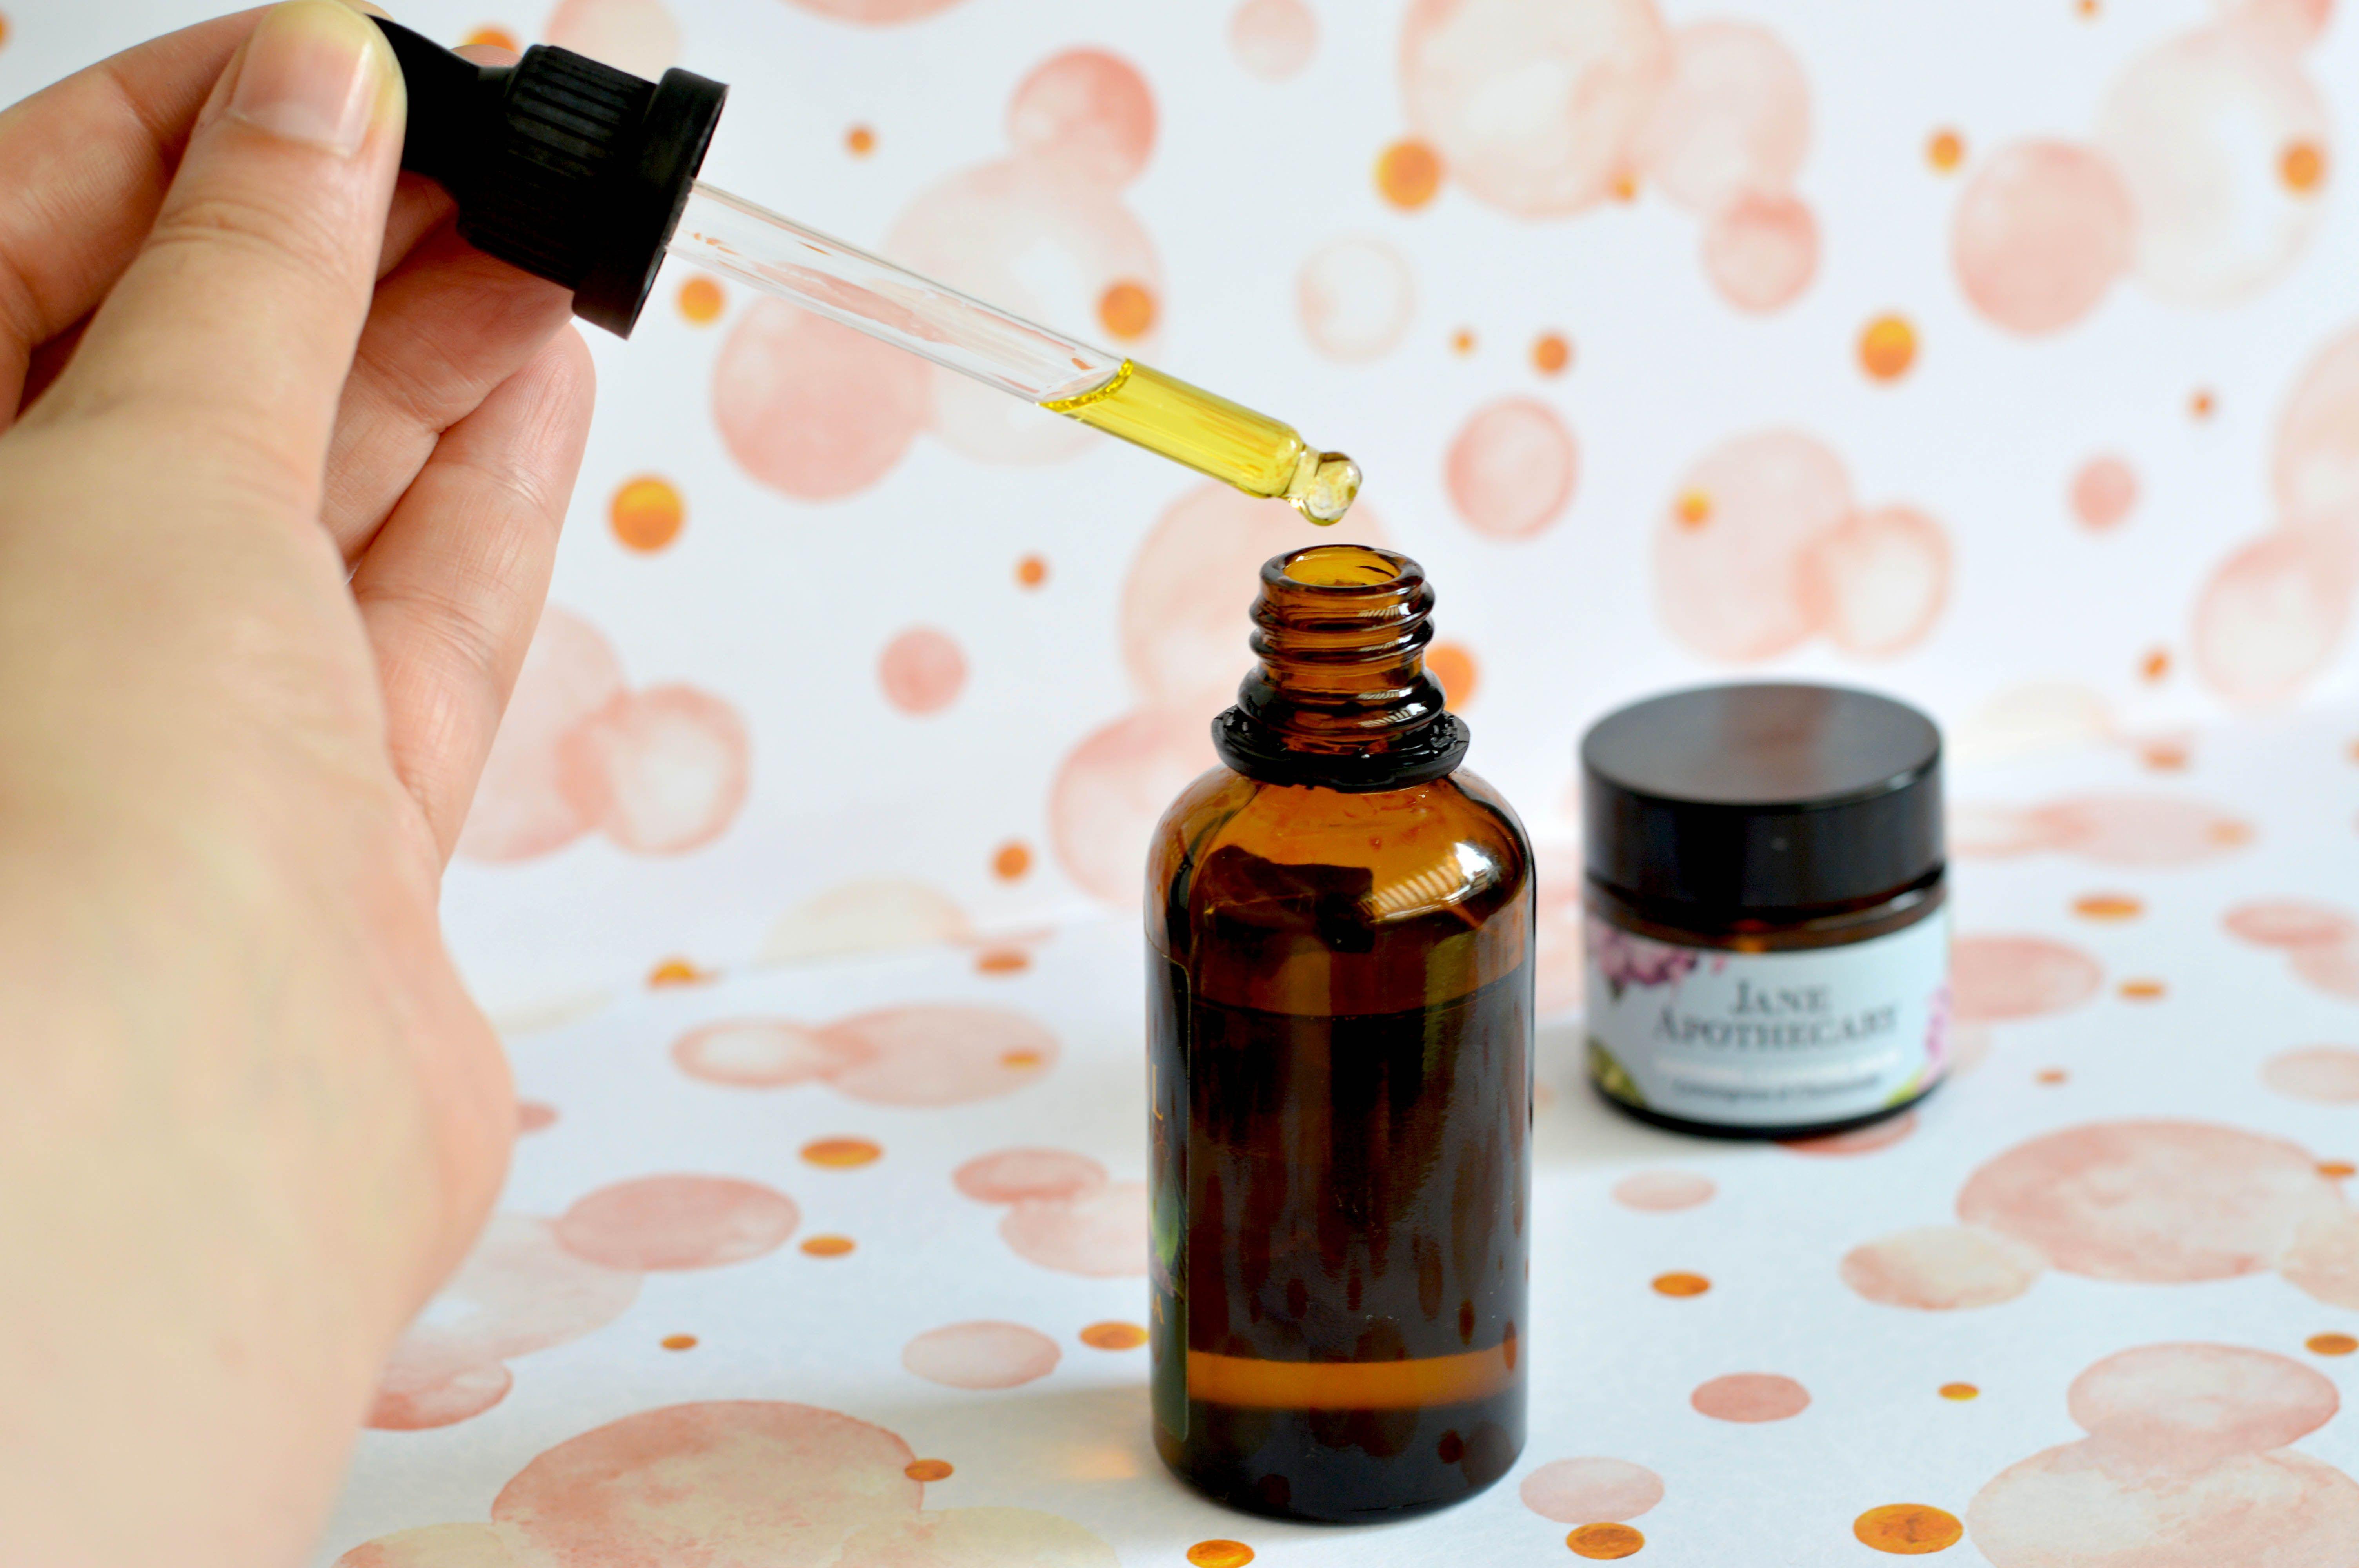 La quimiofobia y el rechazo hacia los cosméticos de origen sintético